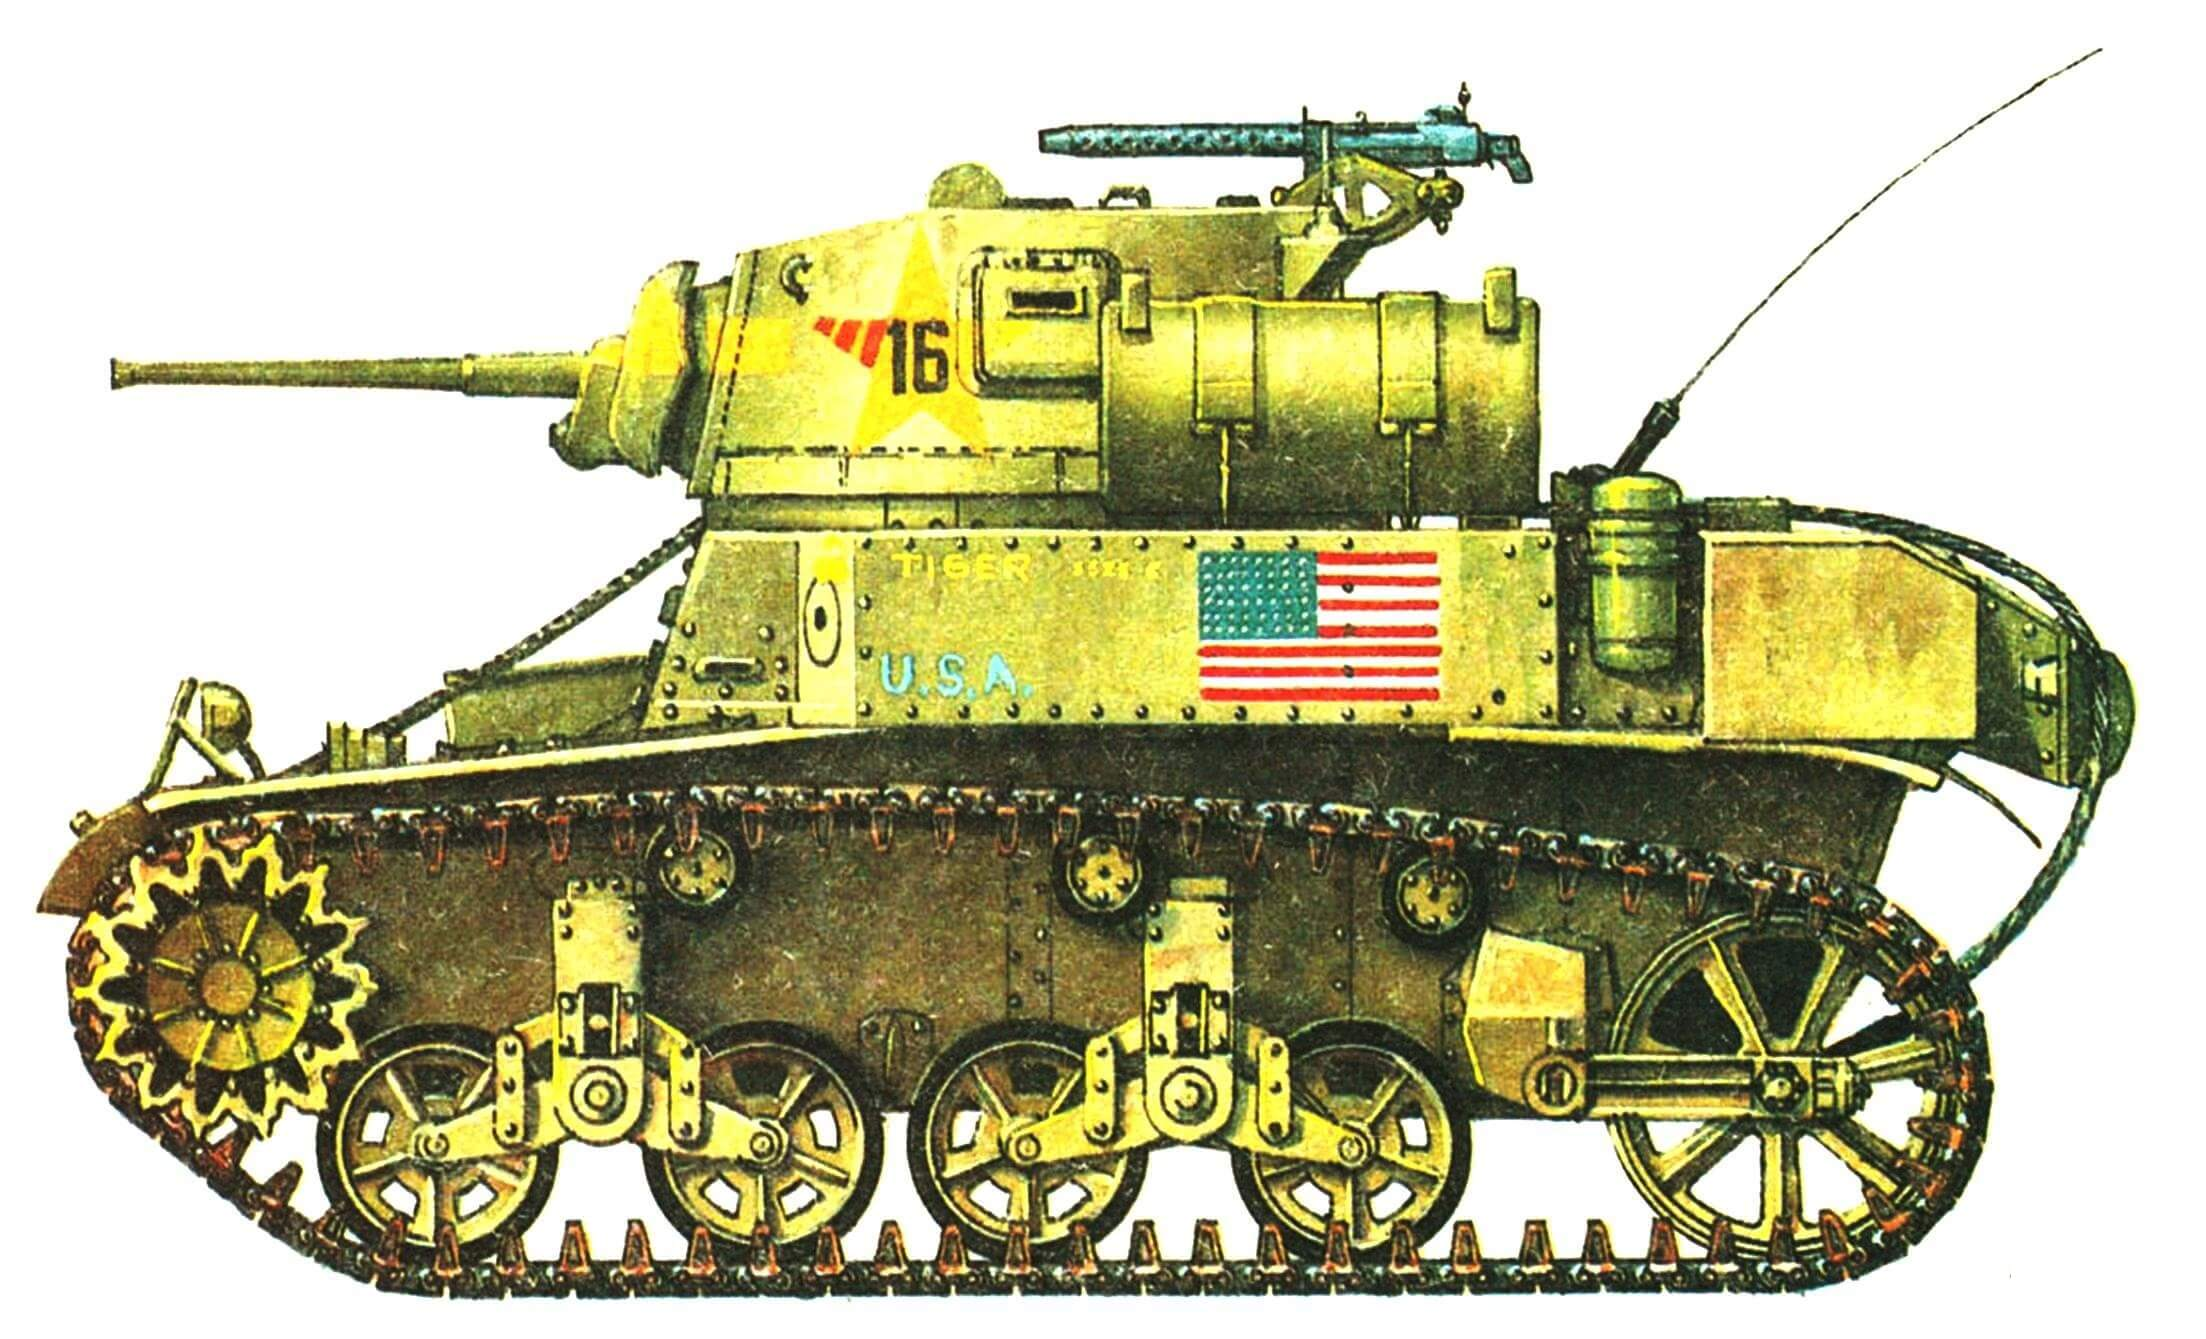 Легкий танк М3А1. 3-й взвод, рота «С», 1-й танковый батальон 1-й танковой дивизии. Тунис, декабрь 1942 года.